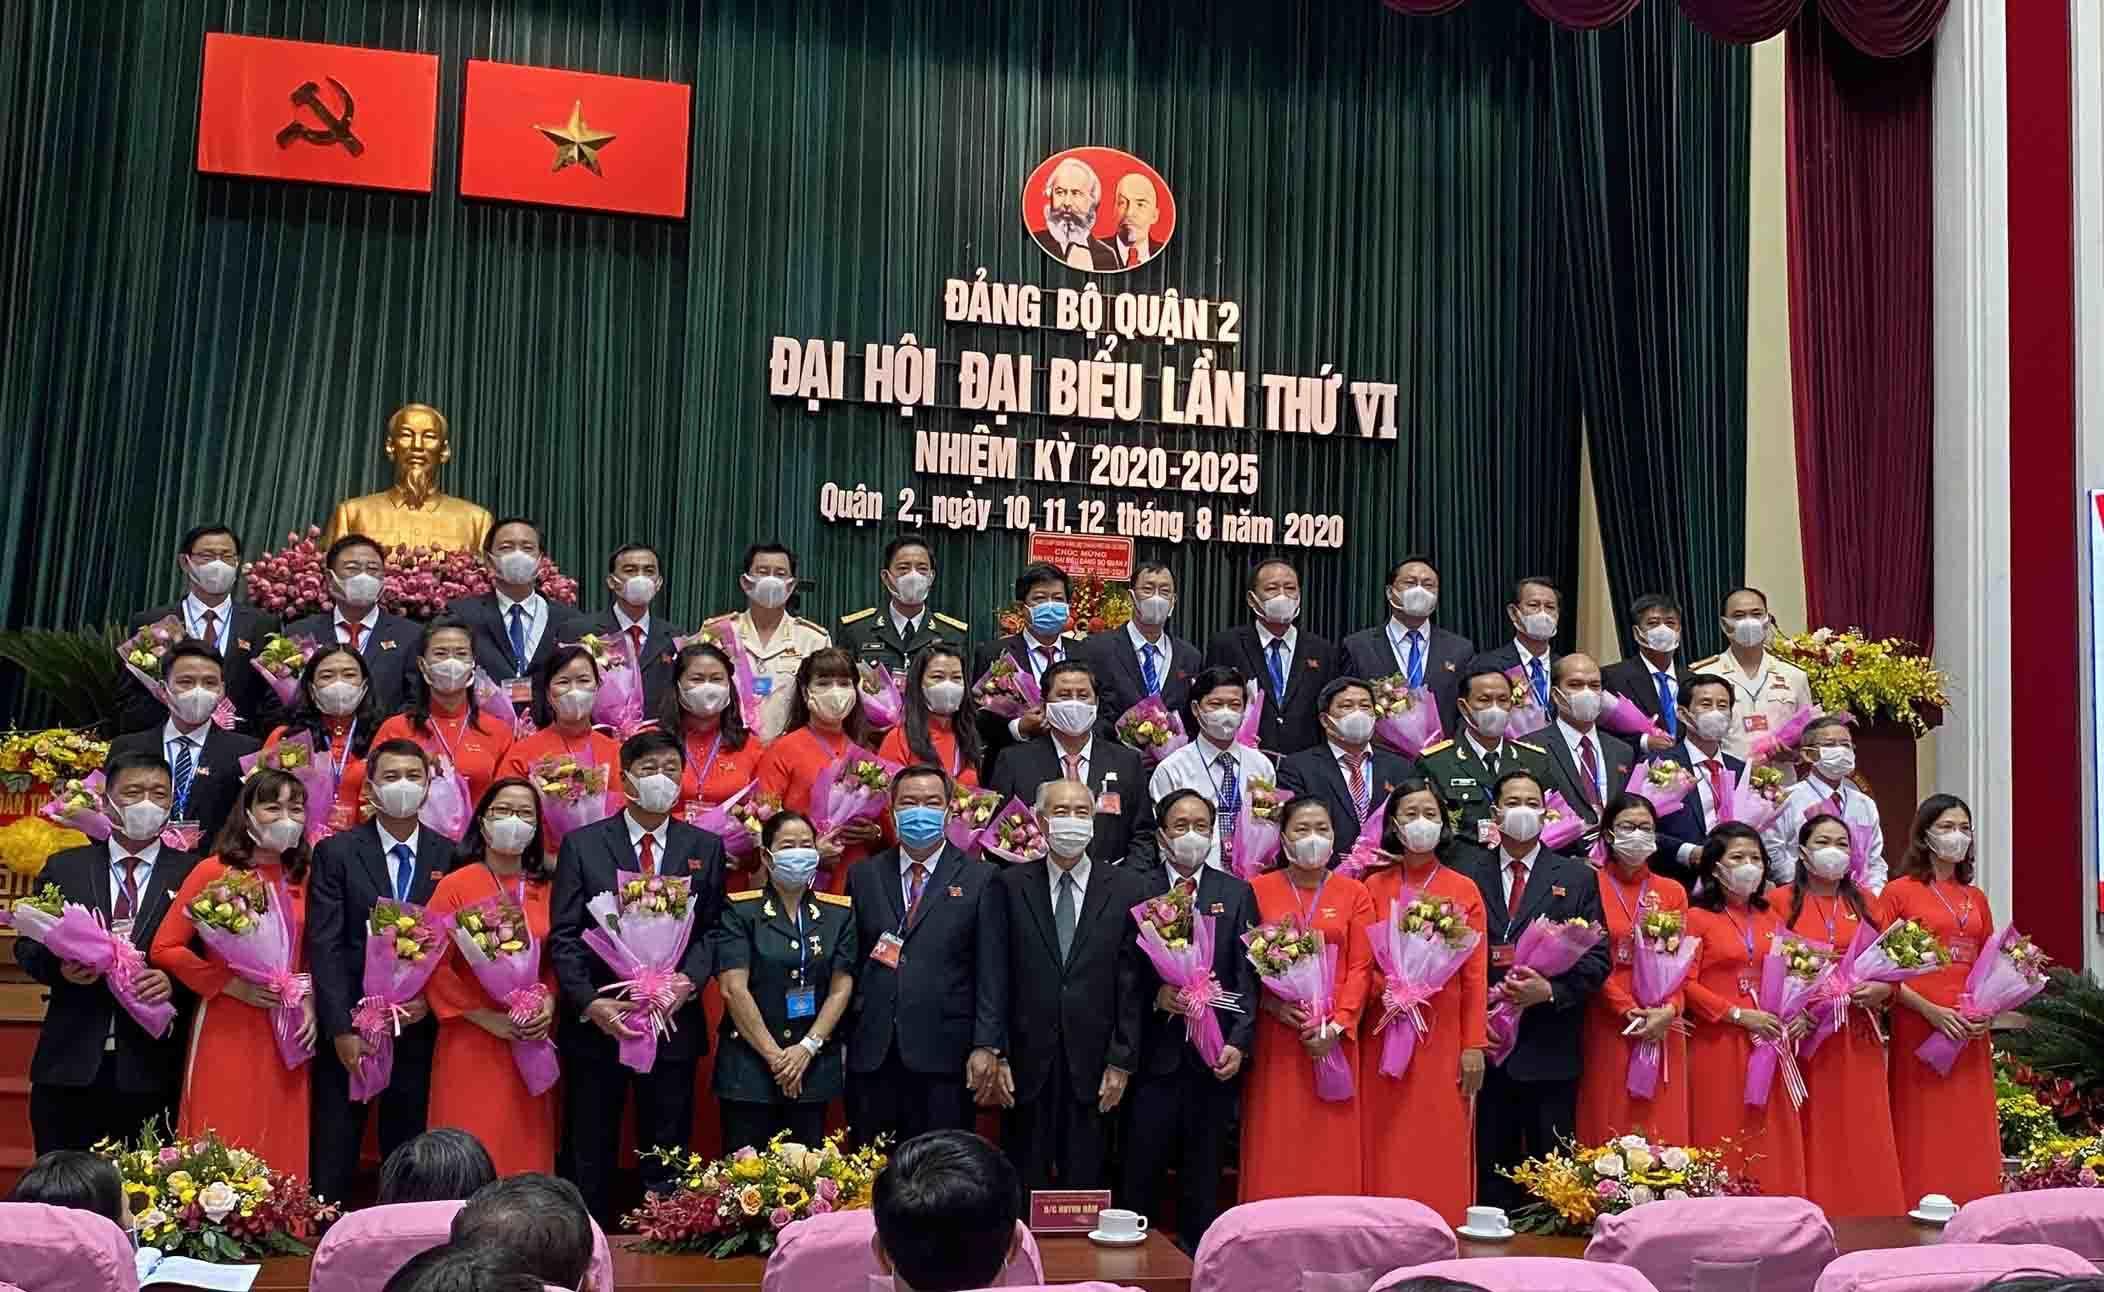 Ông Nguyễn Phước Hưng được bầu giữ chức Bí thư Quận ủy quận 2